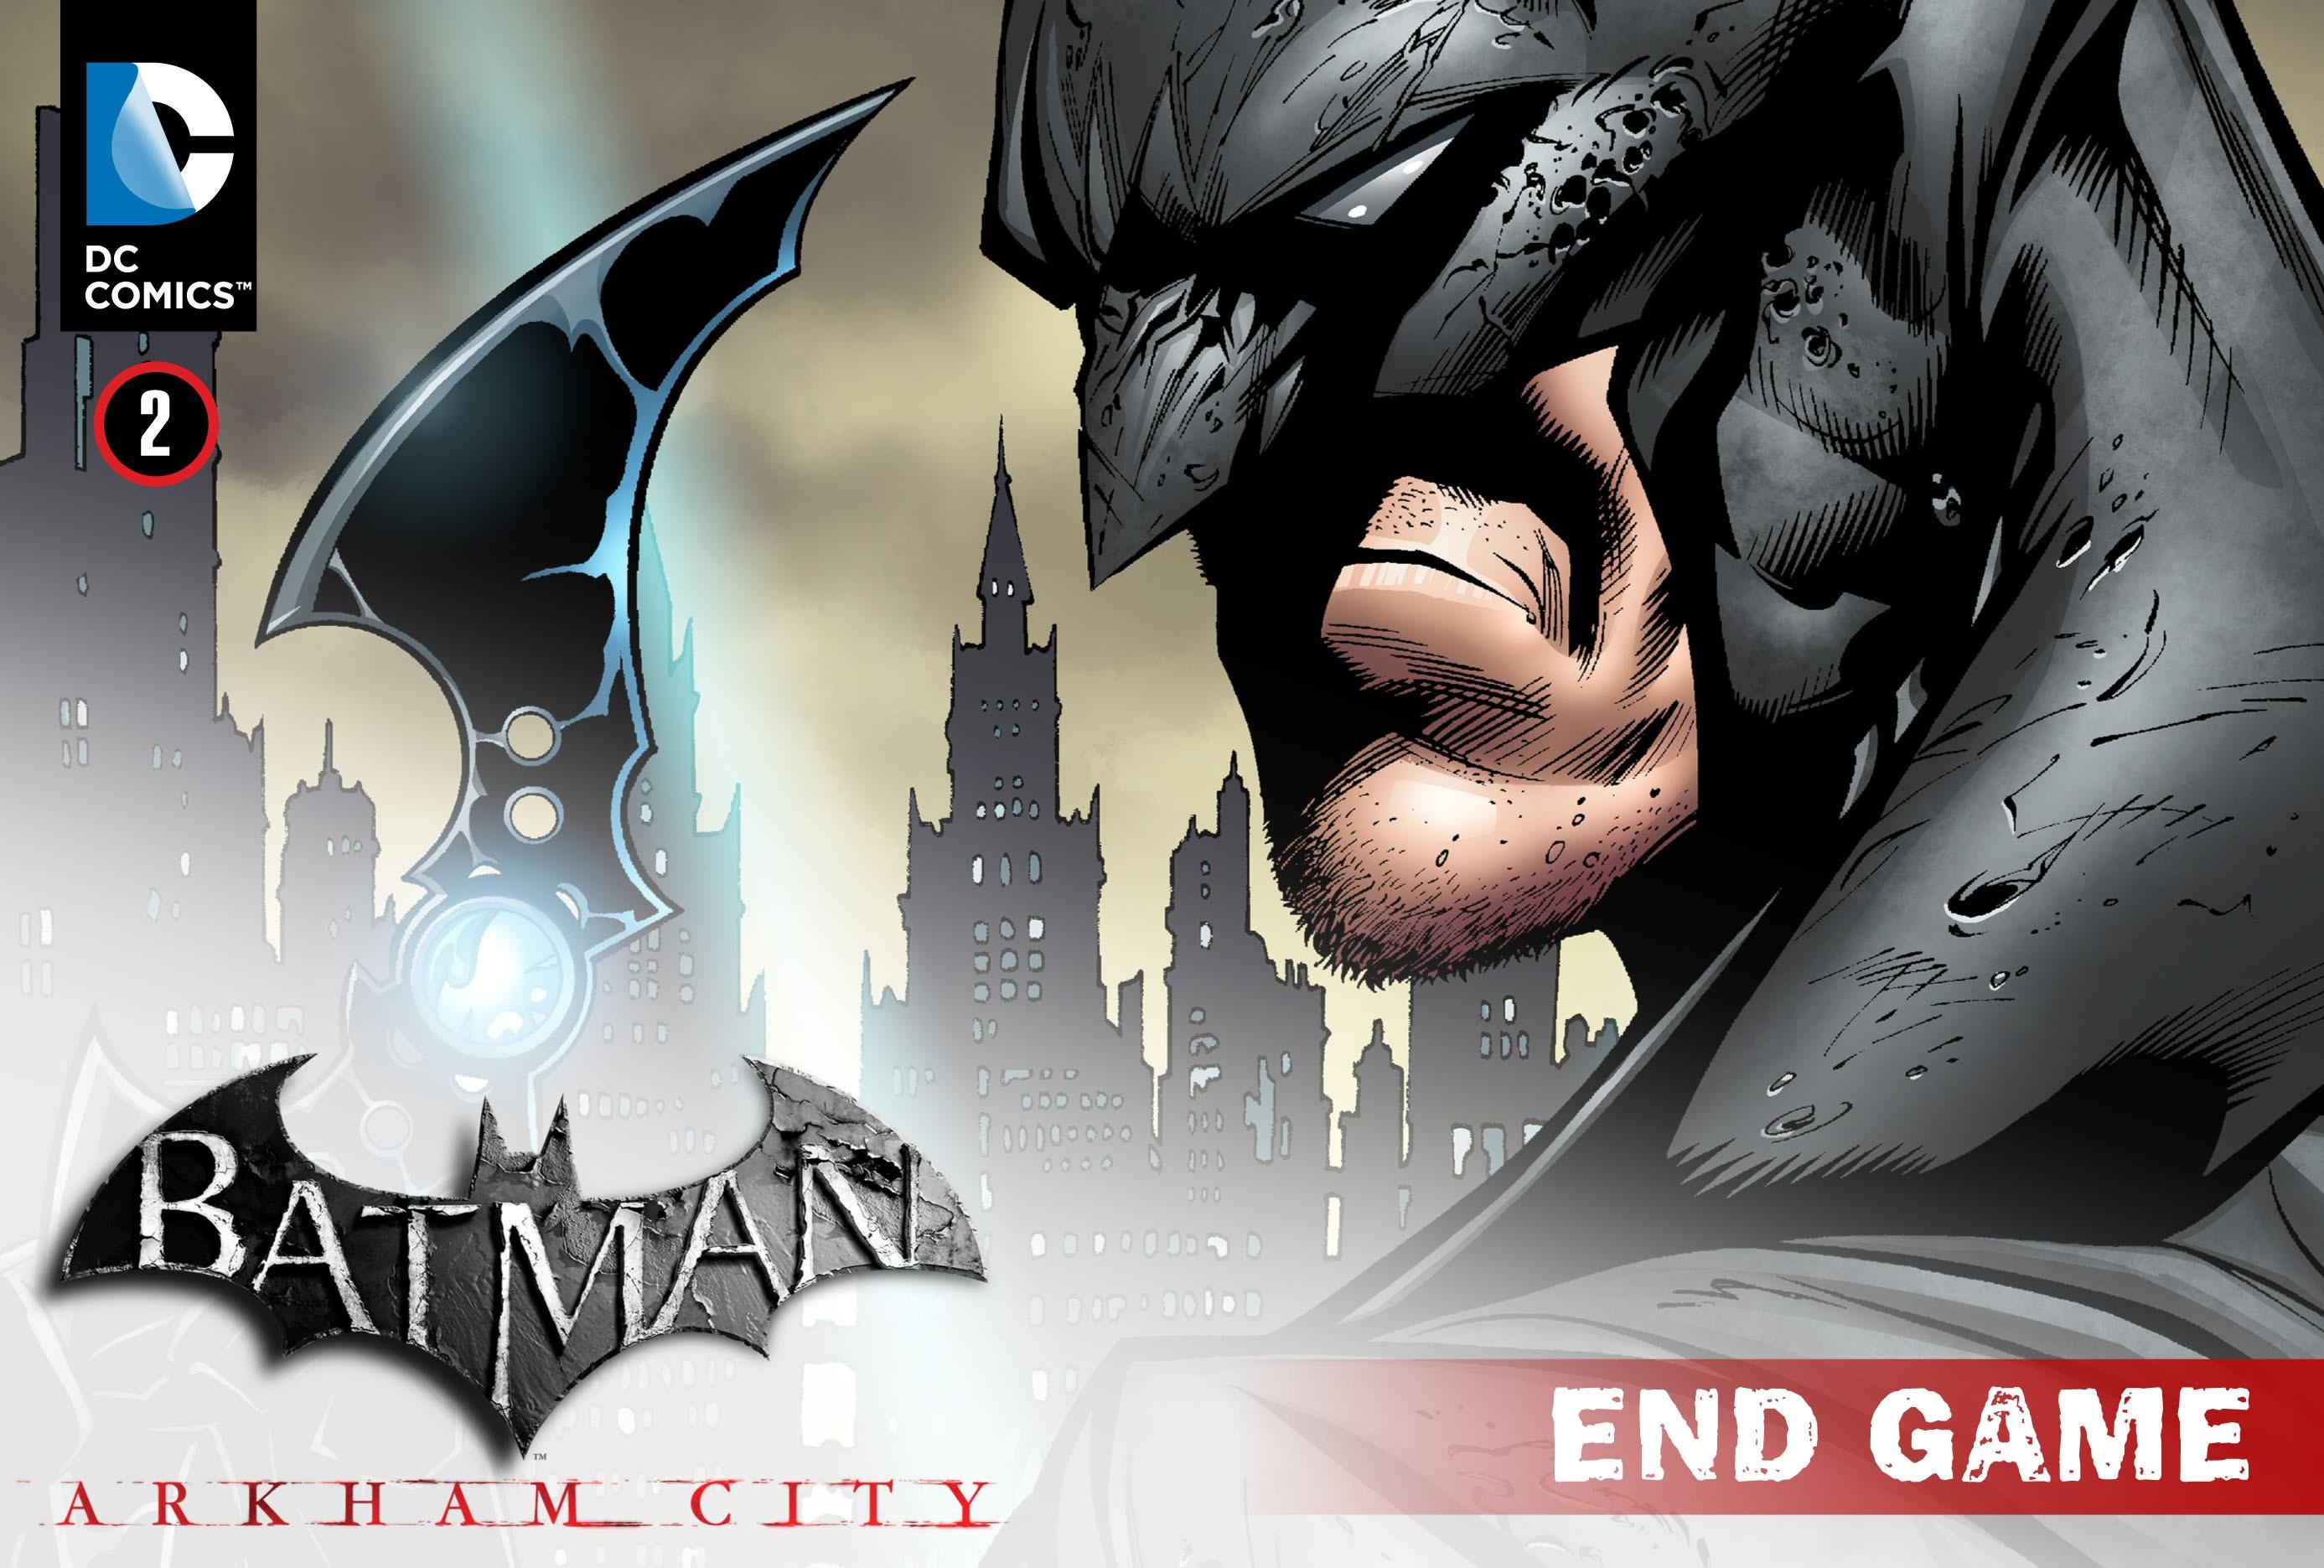 Batman: Arkham City: End Game 2 Page 1